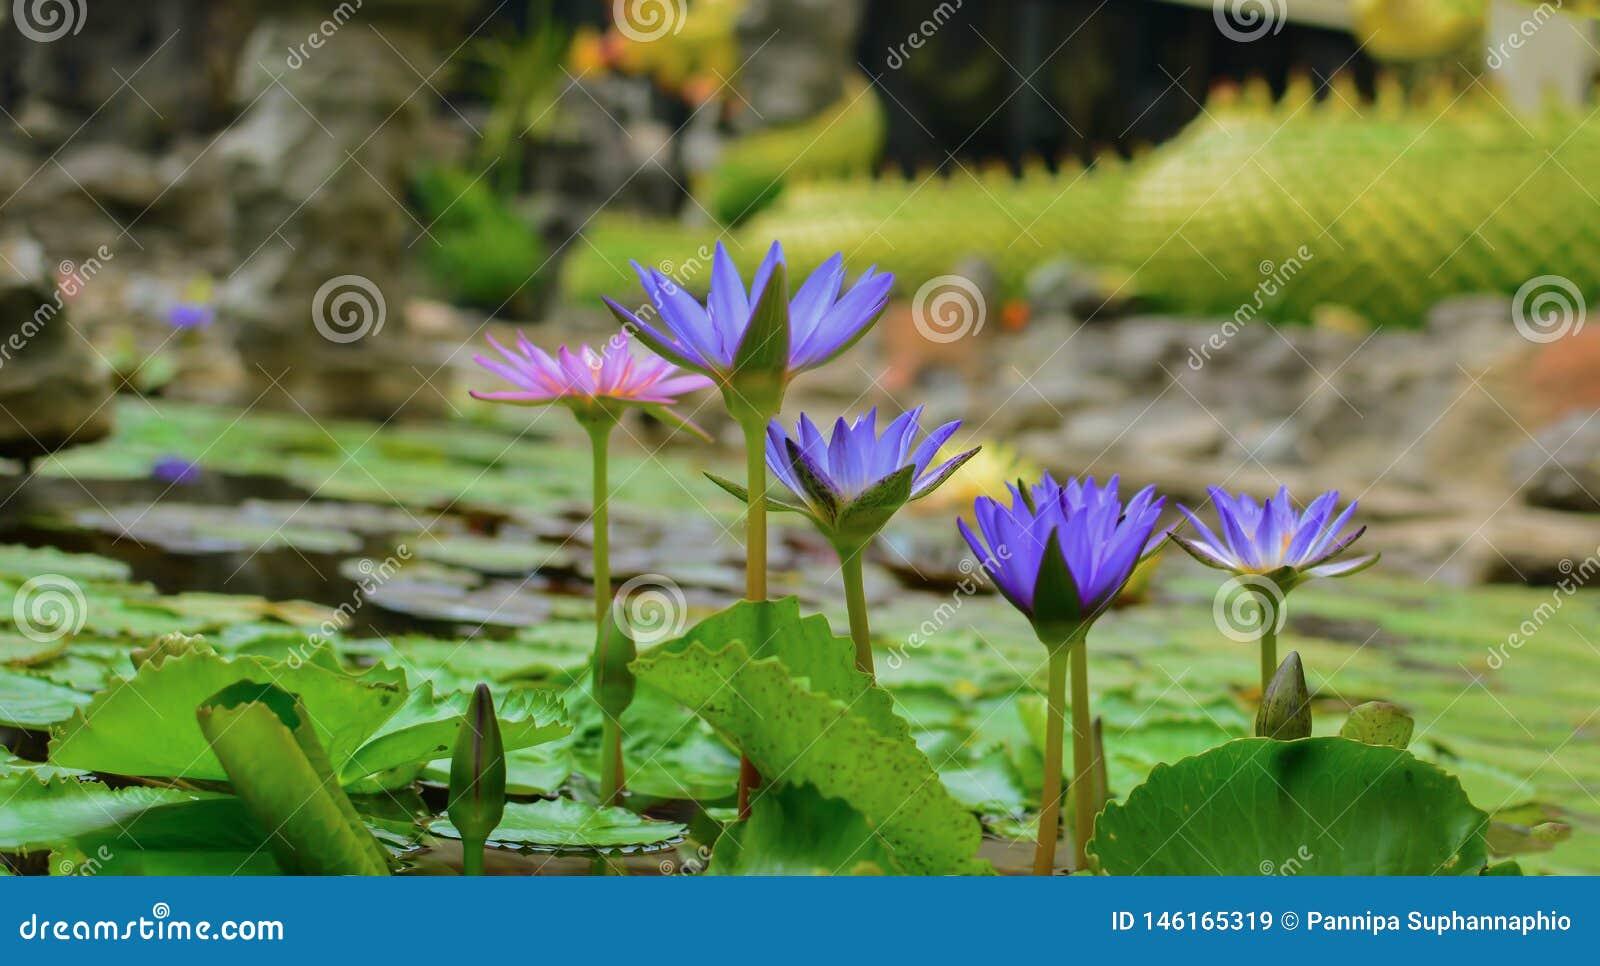 Цветки лотоса зацветают в бассейне